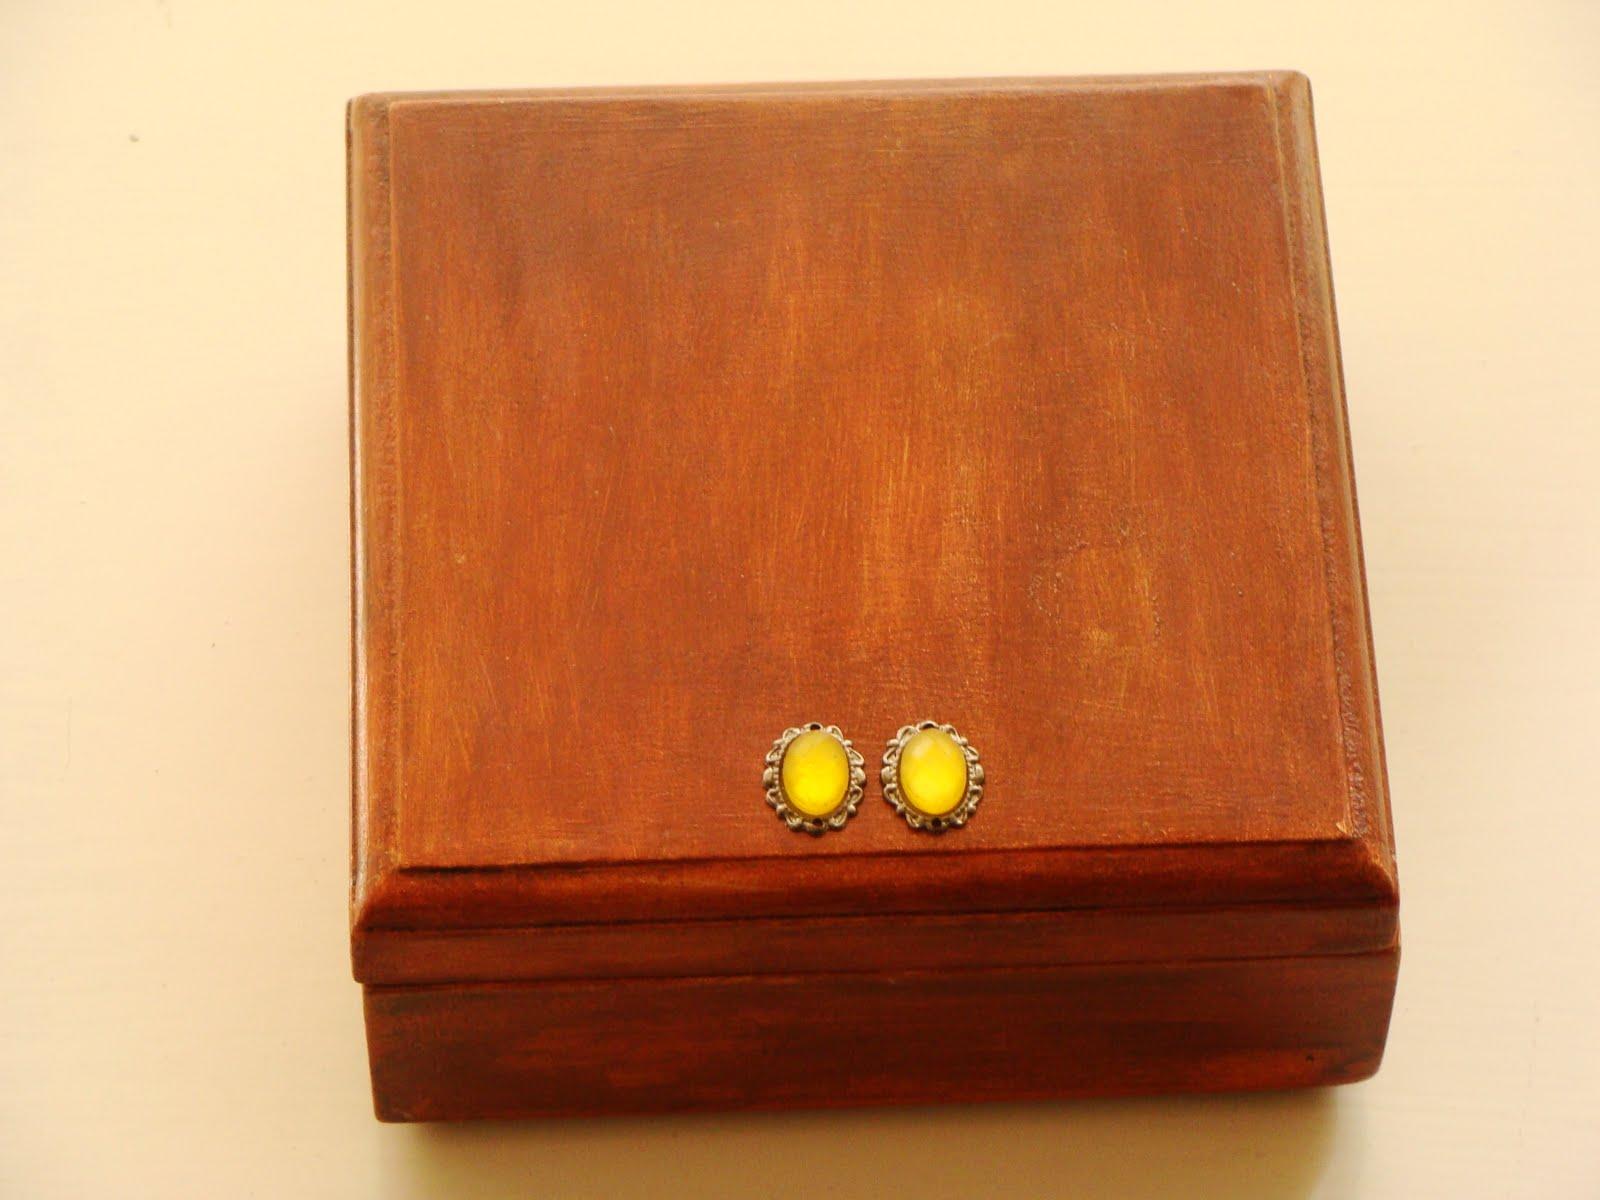 Lunaluz bazar lamparas de papel ikea cajas con diversos - Caja madera ikea ...